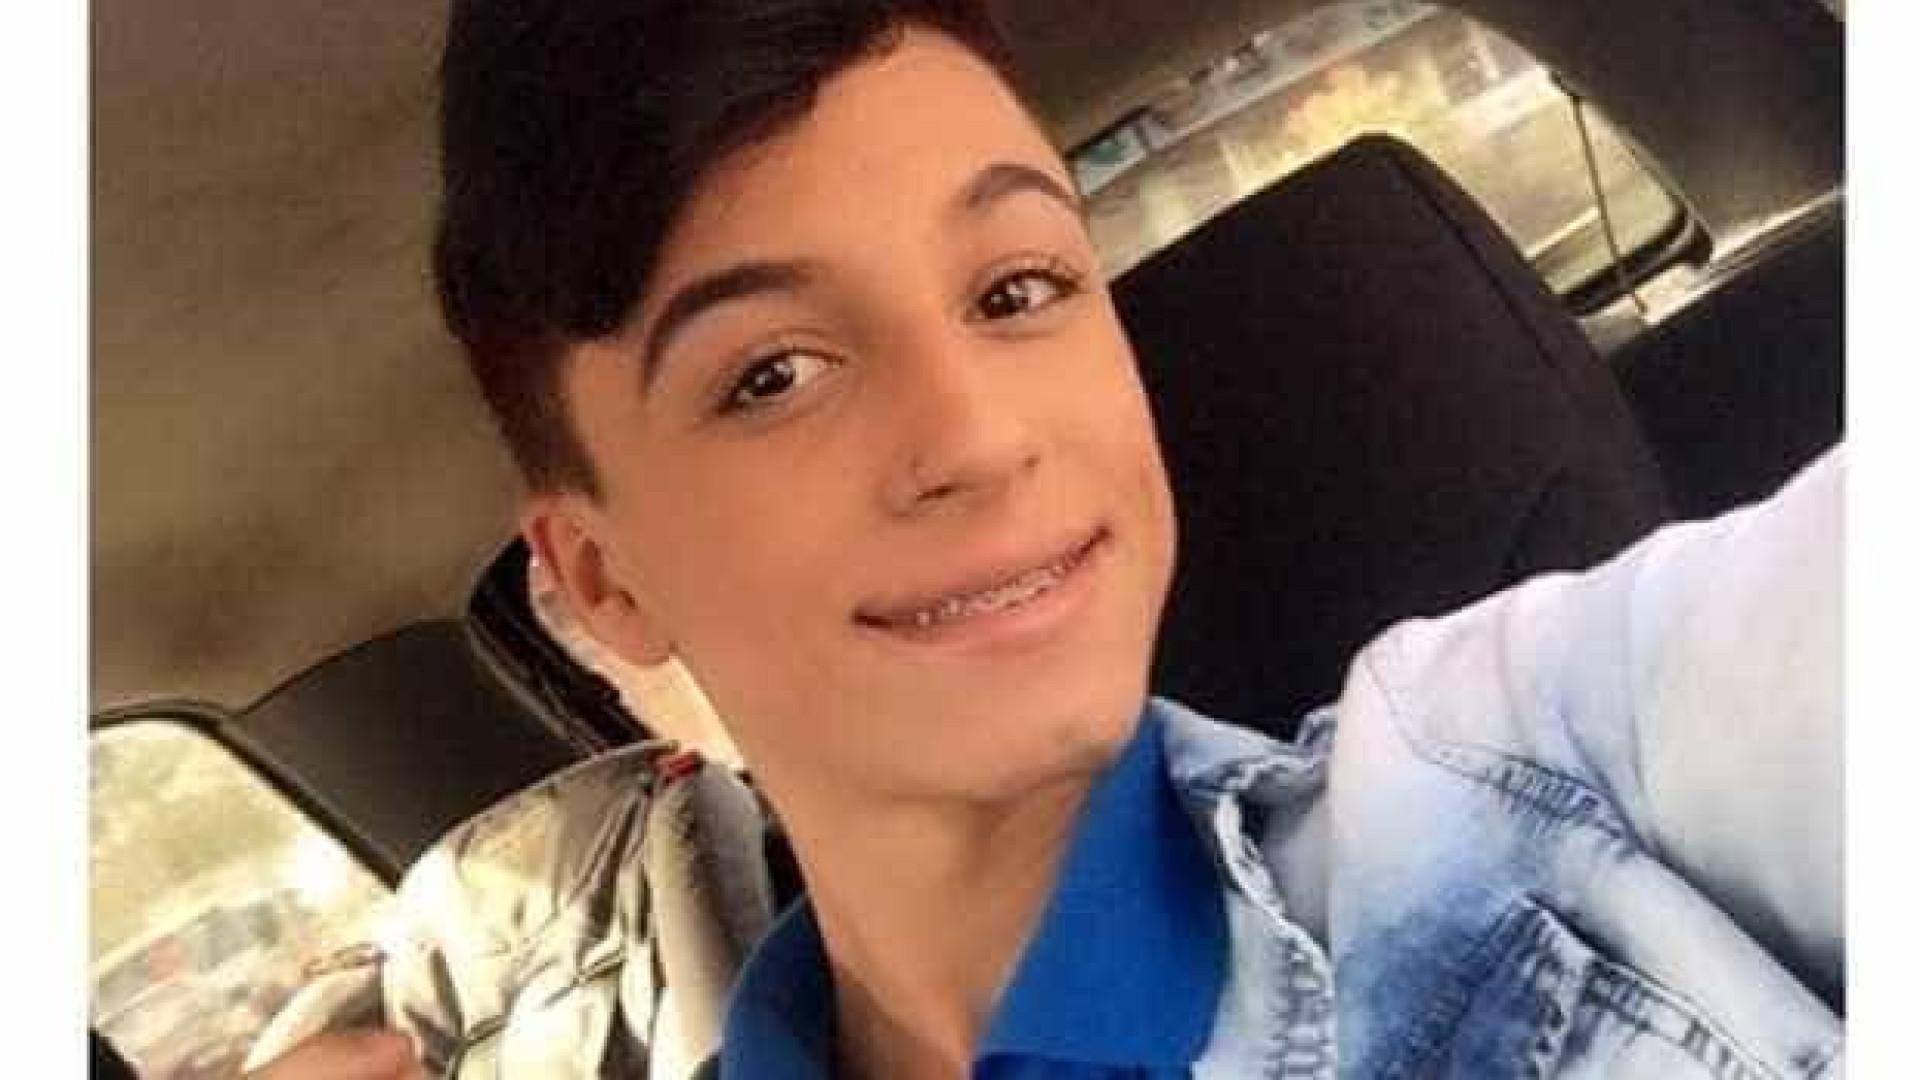 Mãe que matou o filho por homofobia é condenada a 25 anos de prisão